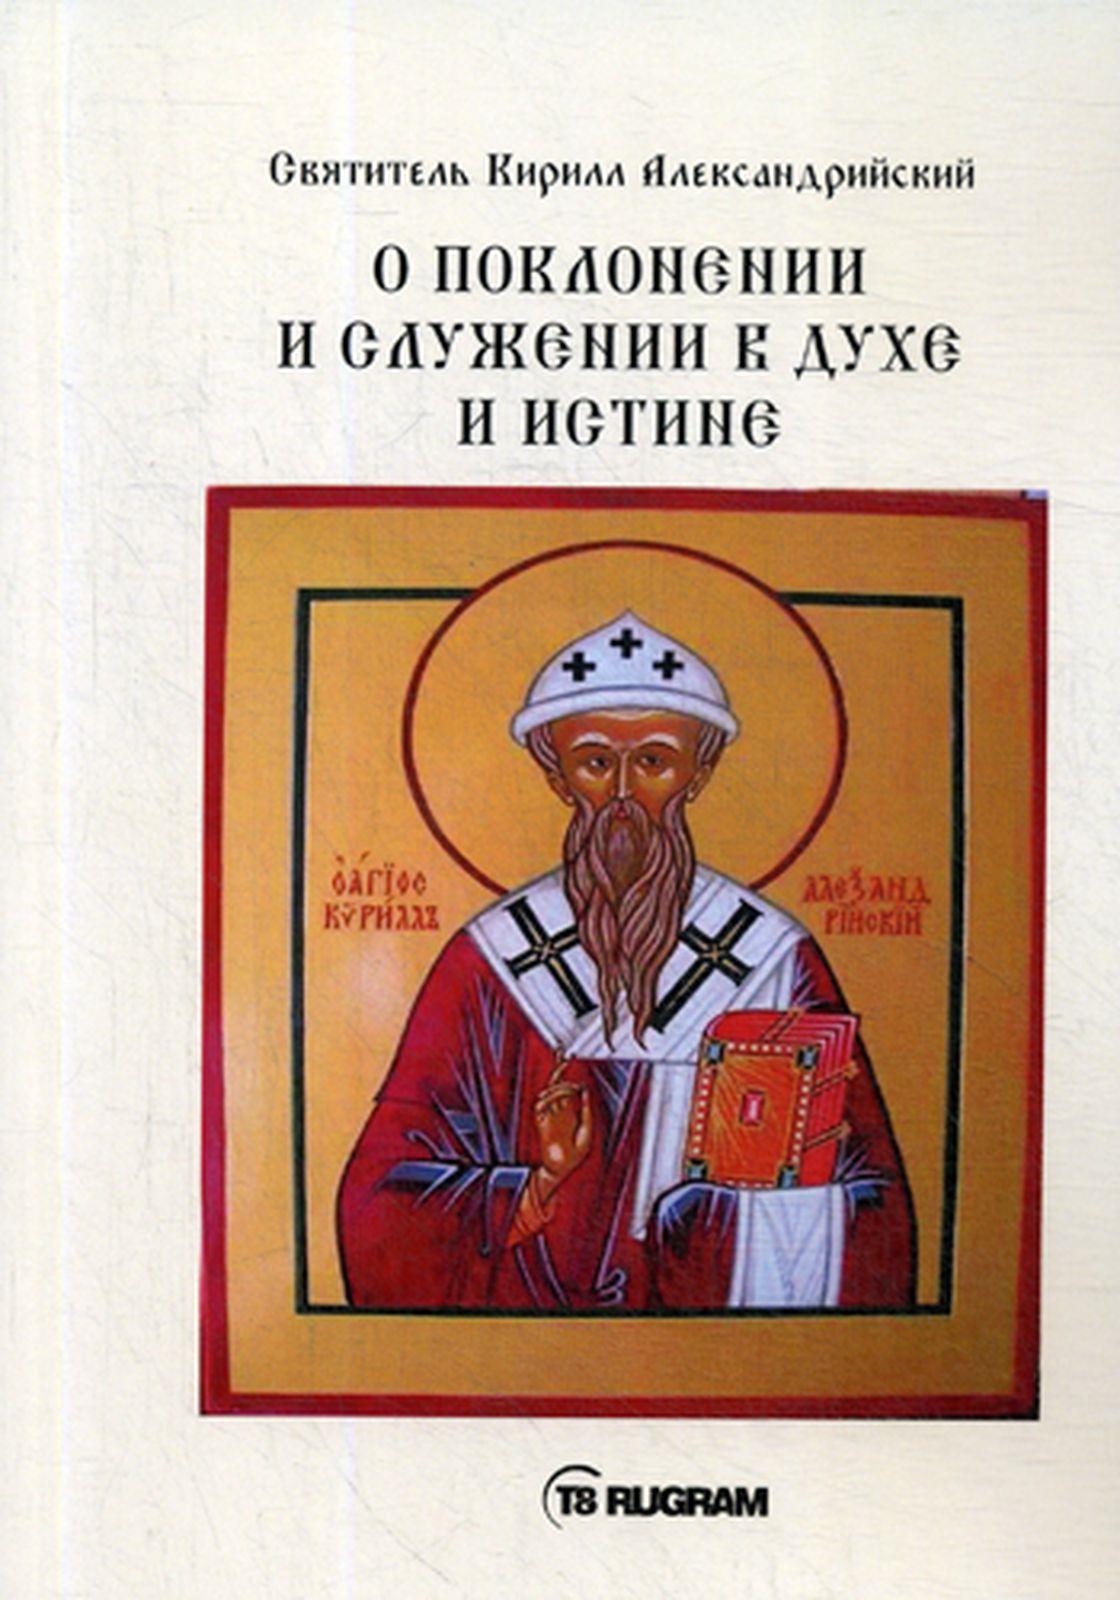 Святитель Кирилл Александрийский О поклонении и служении в духе истине. Часть 3